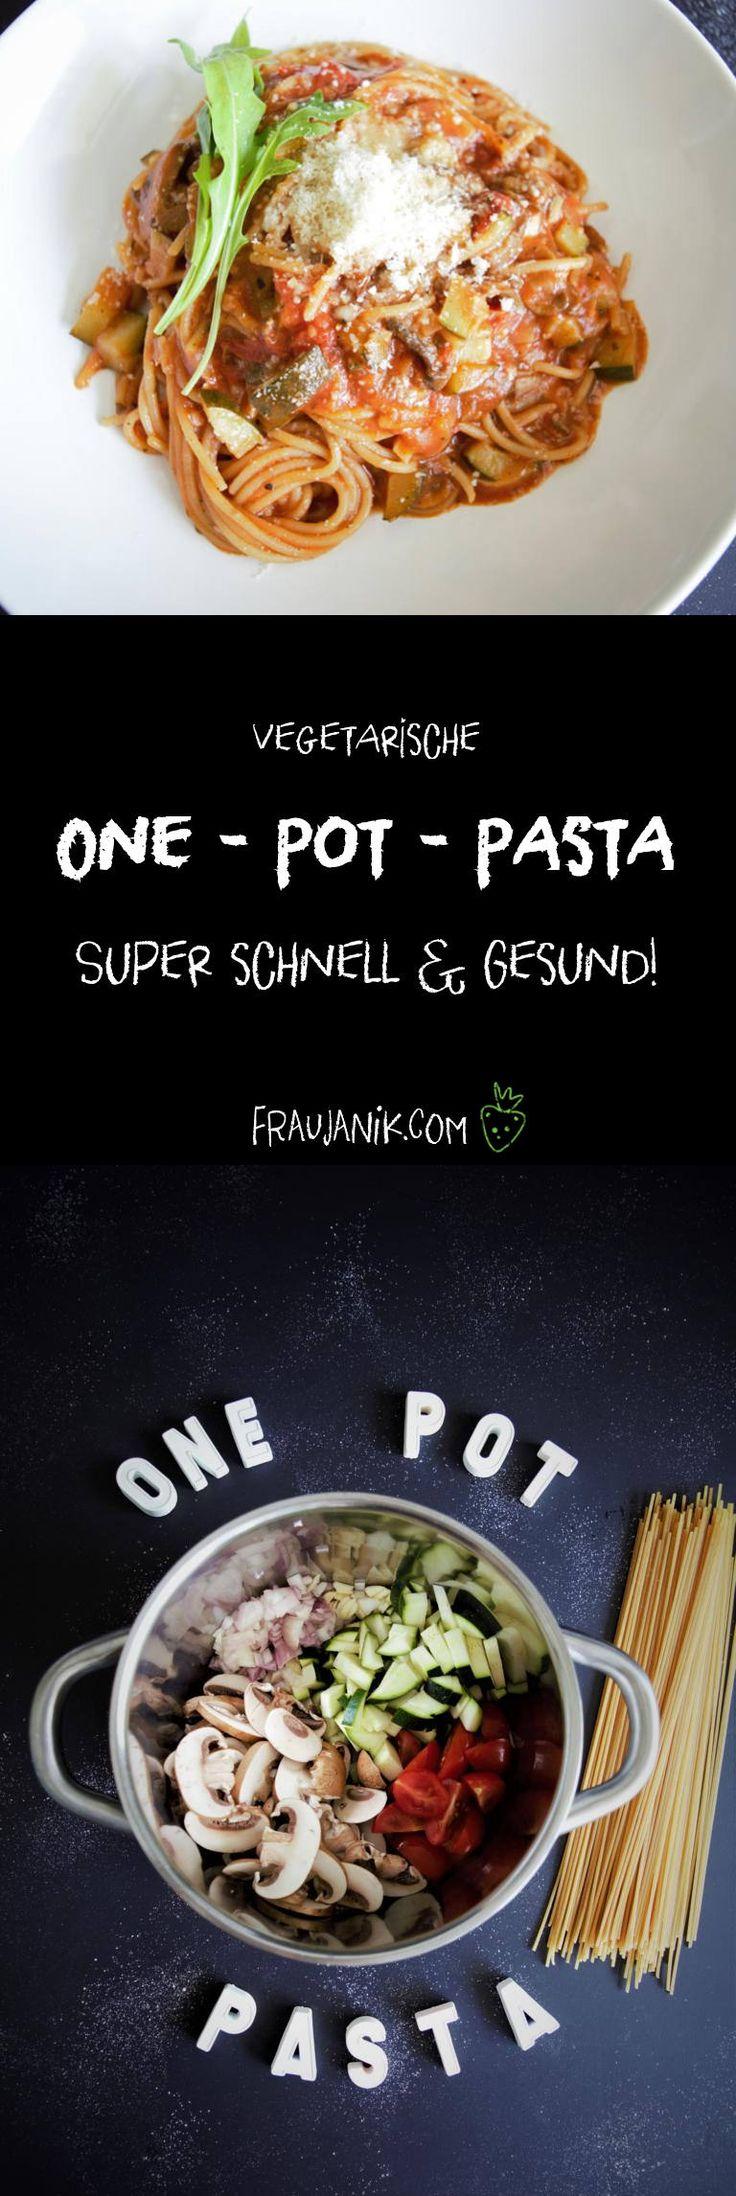 One Pot Pasta = Ein Topf Pasta! Schnell, variationsreich & minimaler Abwasch... Alles in einen Topf und fertig! JA! Das geht sogar sehr gut!